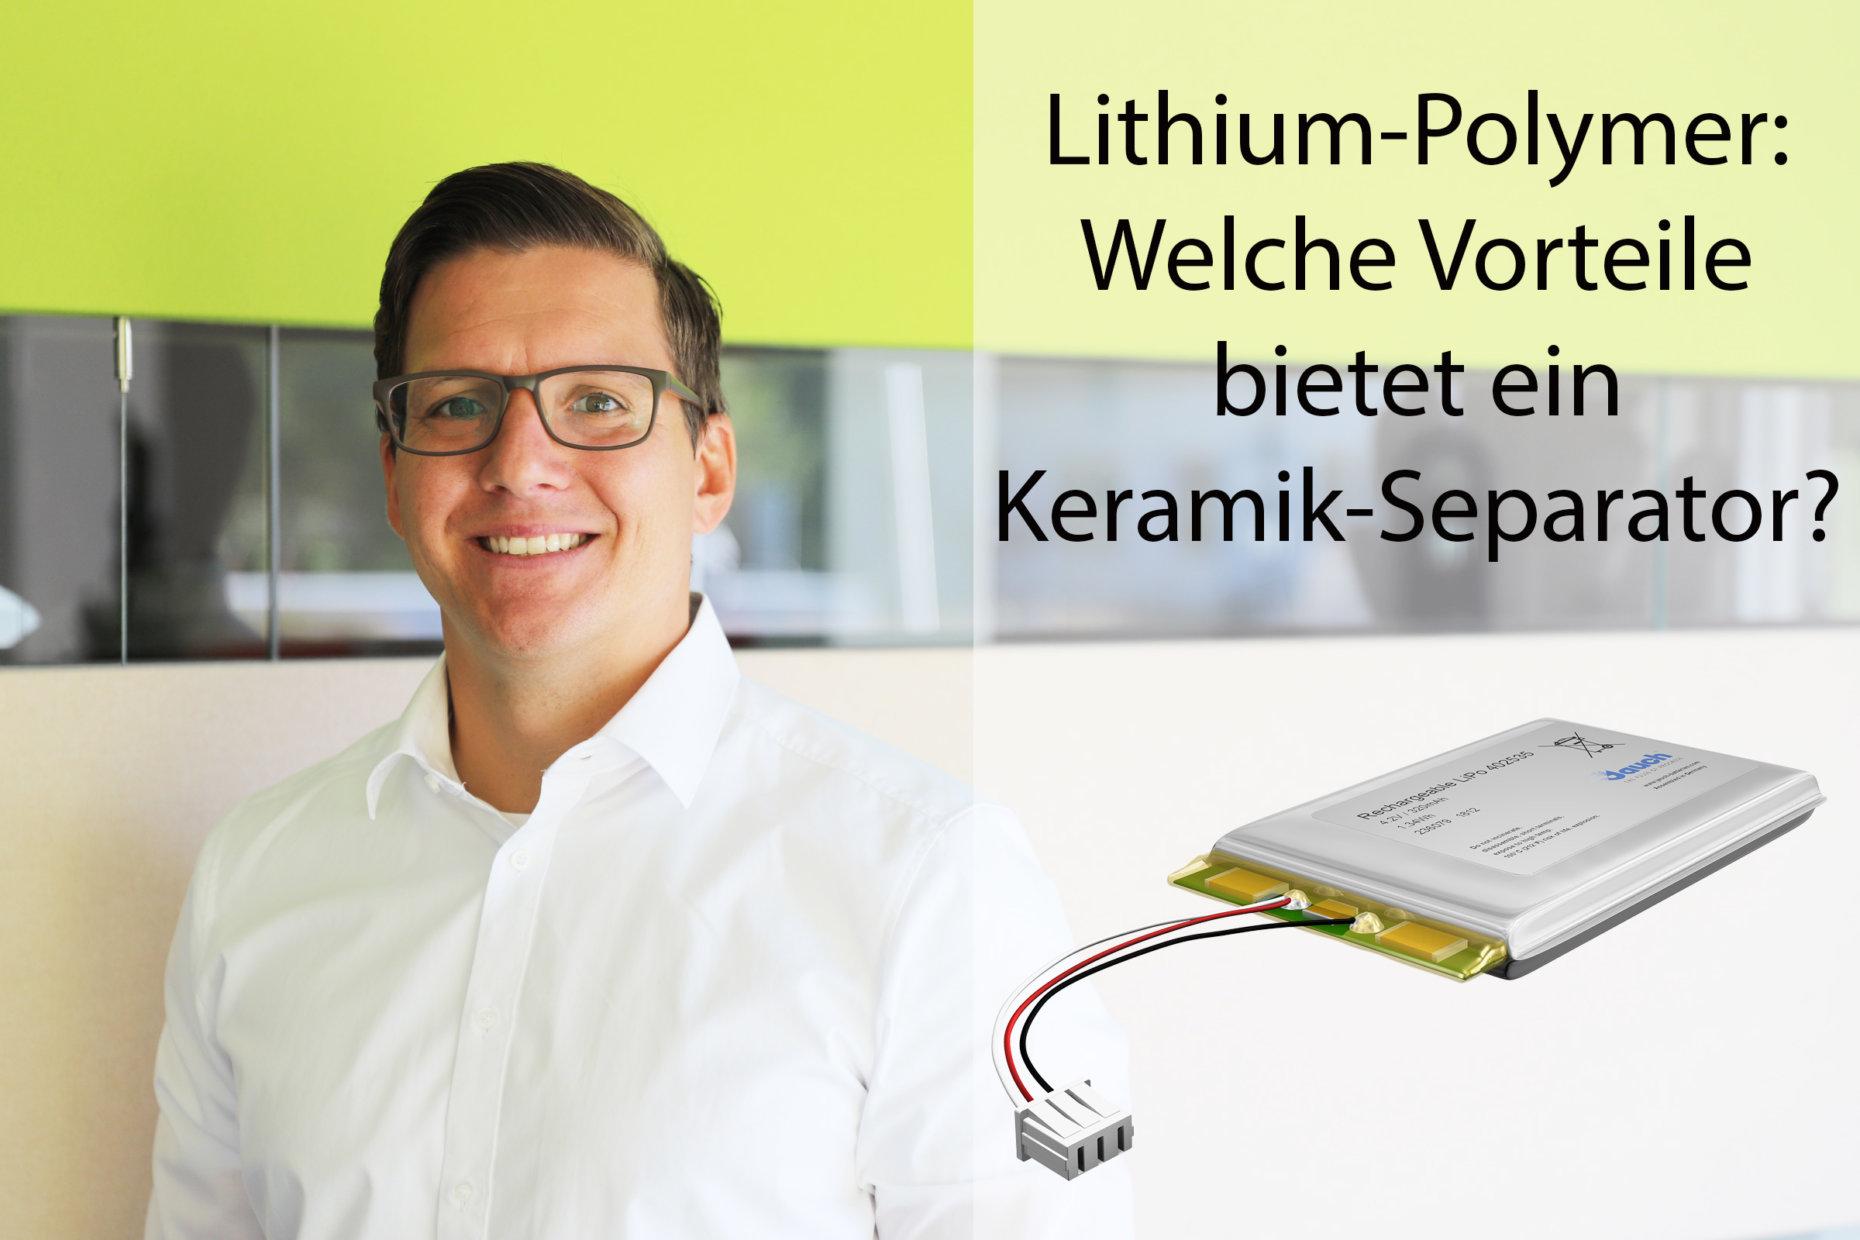 Viktor Sichwardt, Jauch-Experte für Lithium-Polymer Batterien